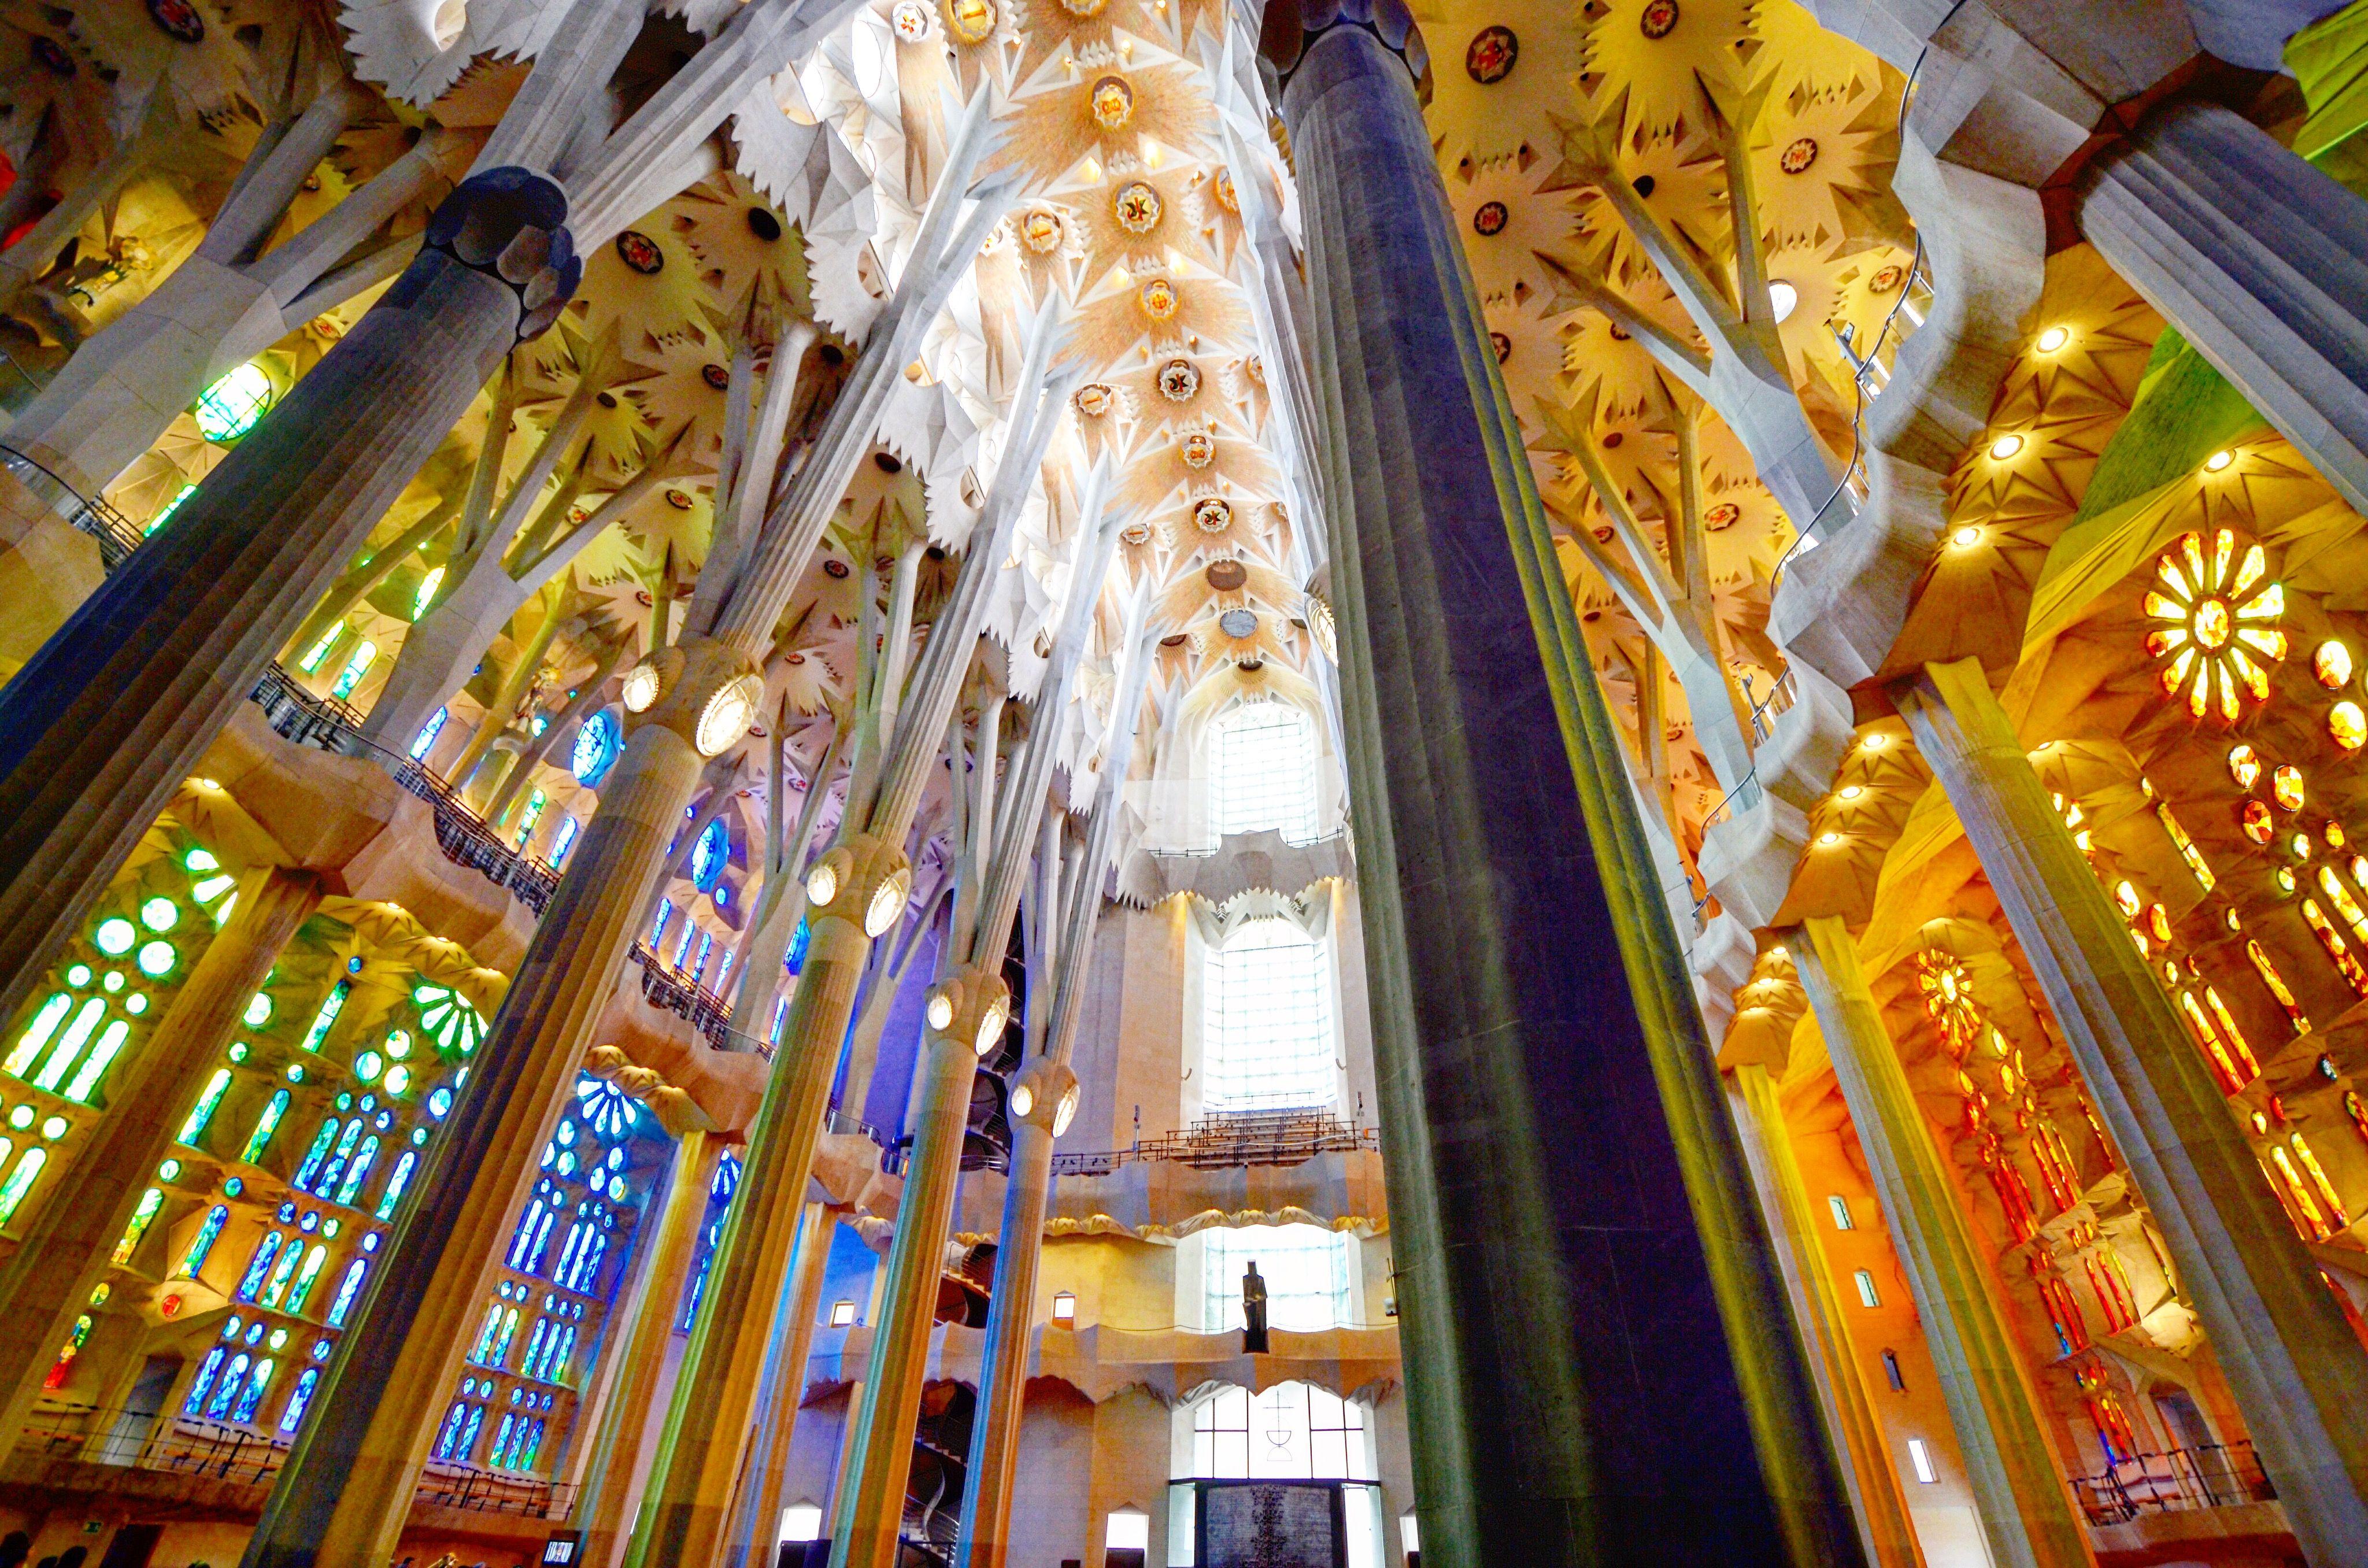 Inside la sagrada familia in barcelona spain so bright for La sagrada familia inside